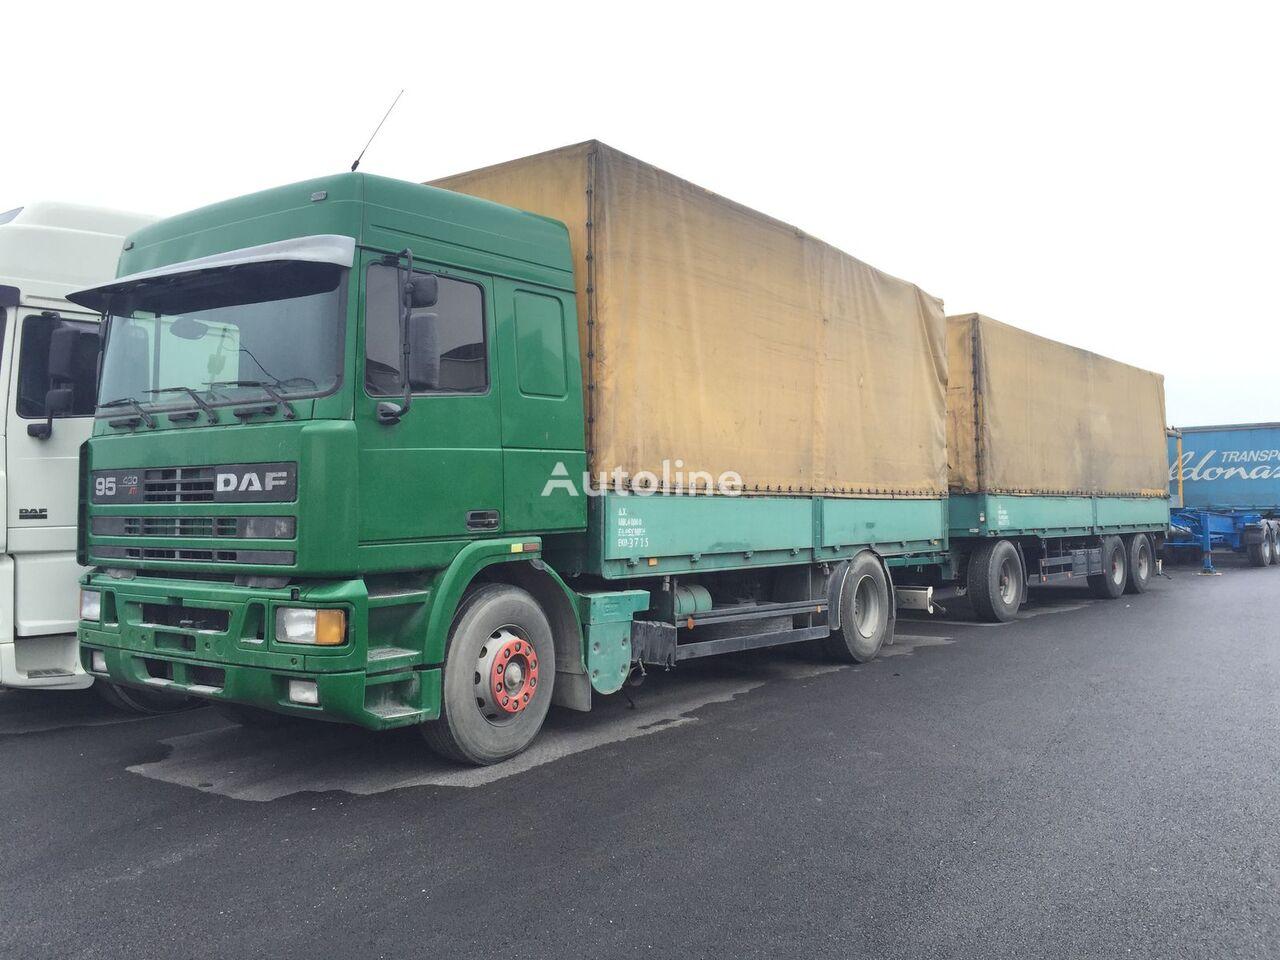 DAF 95.430 ATI EURO2 + SCHARZMULLER tilt lastebil + kapell tilhenger